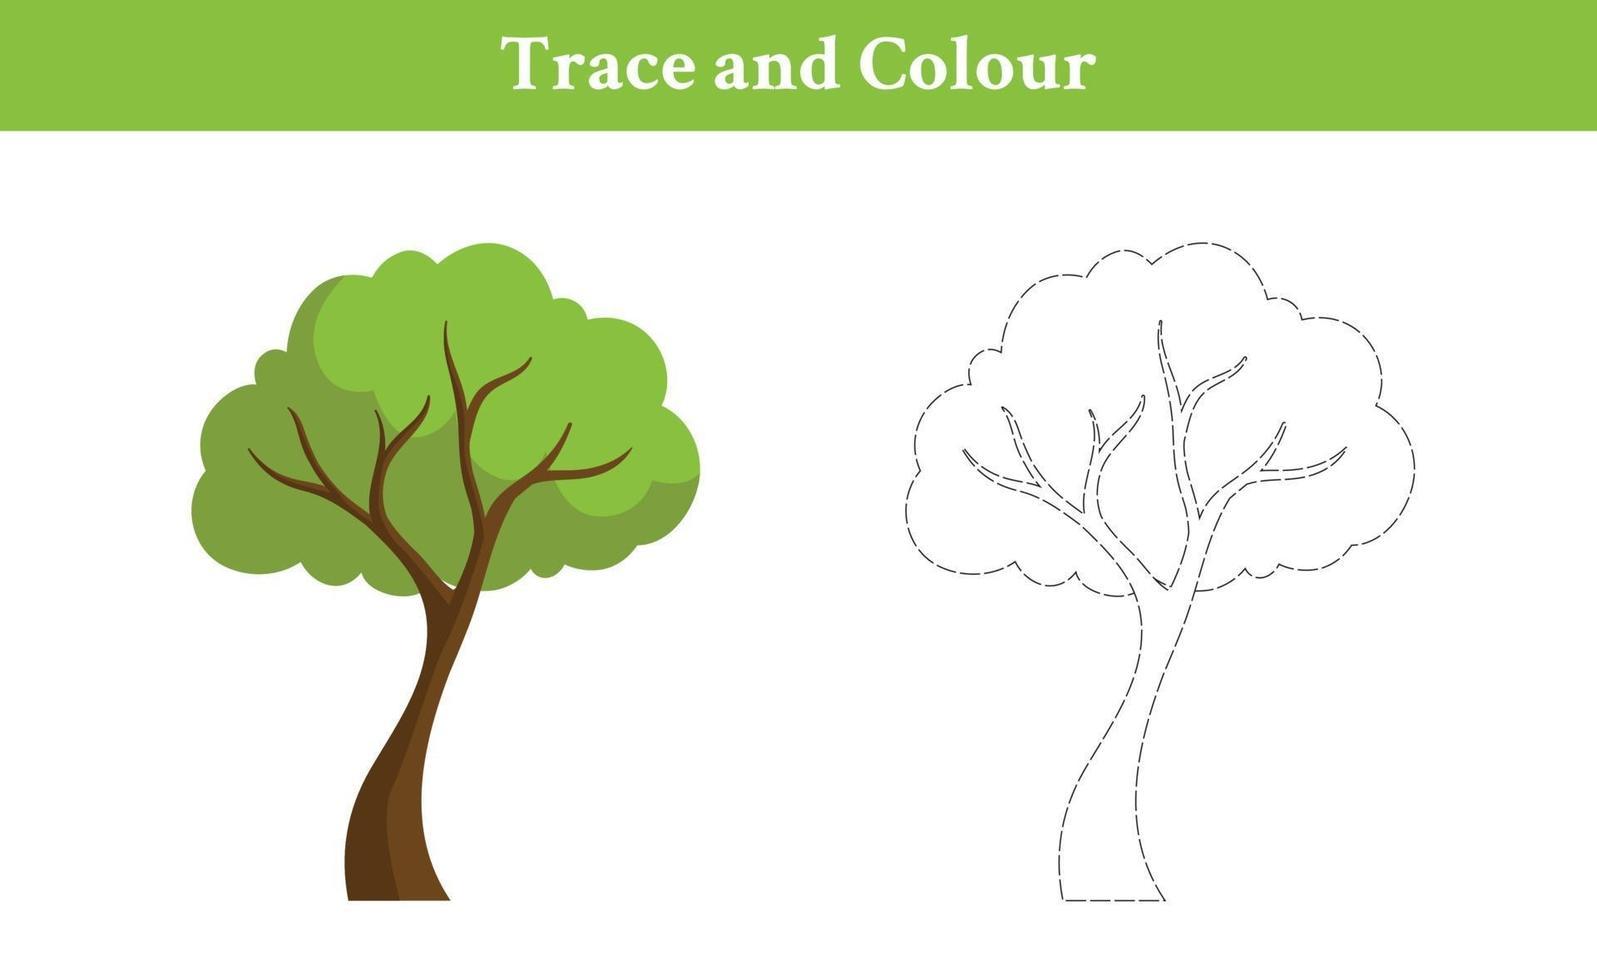 árbol de trazas y colores vector